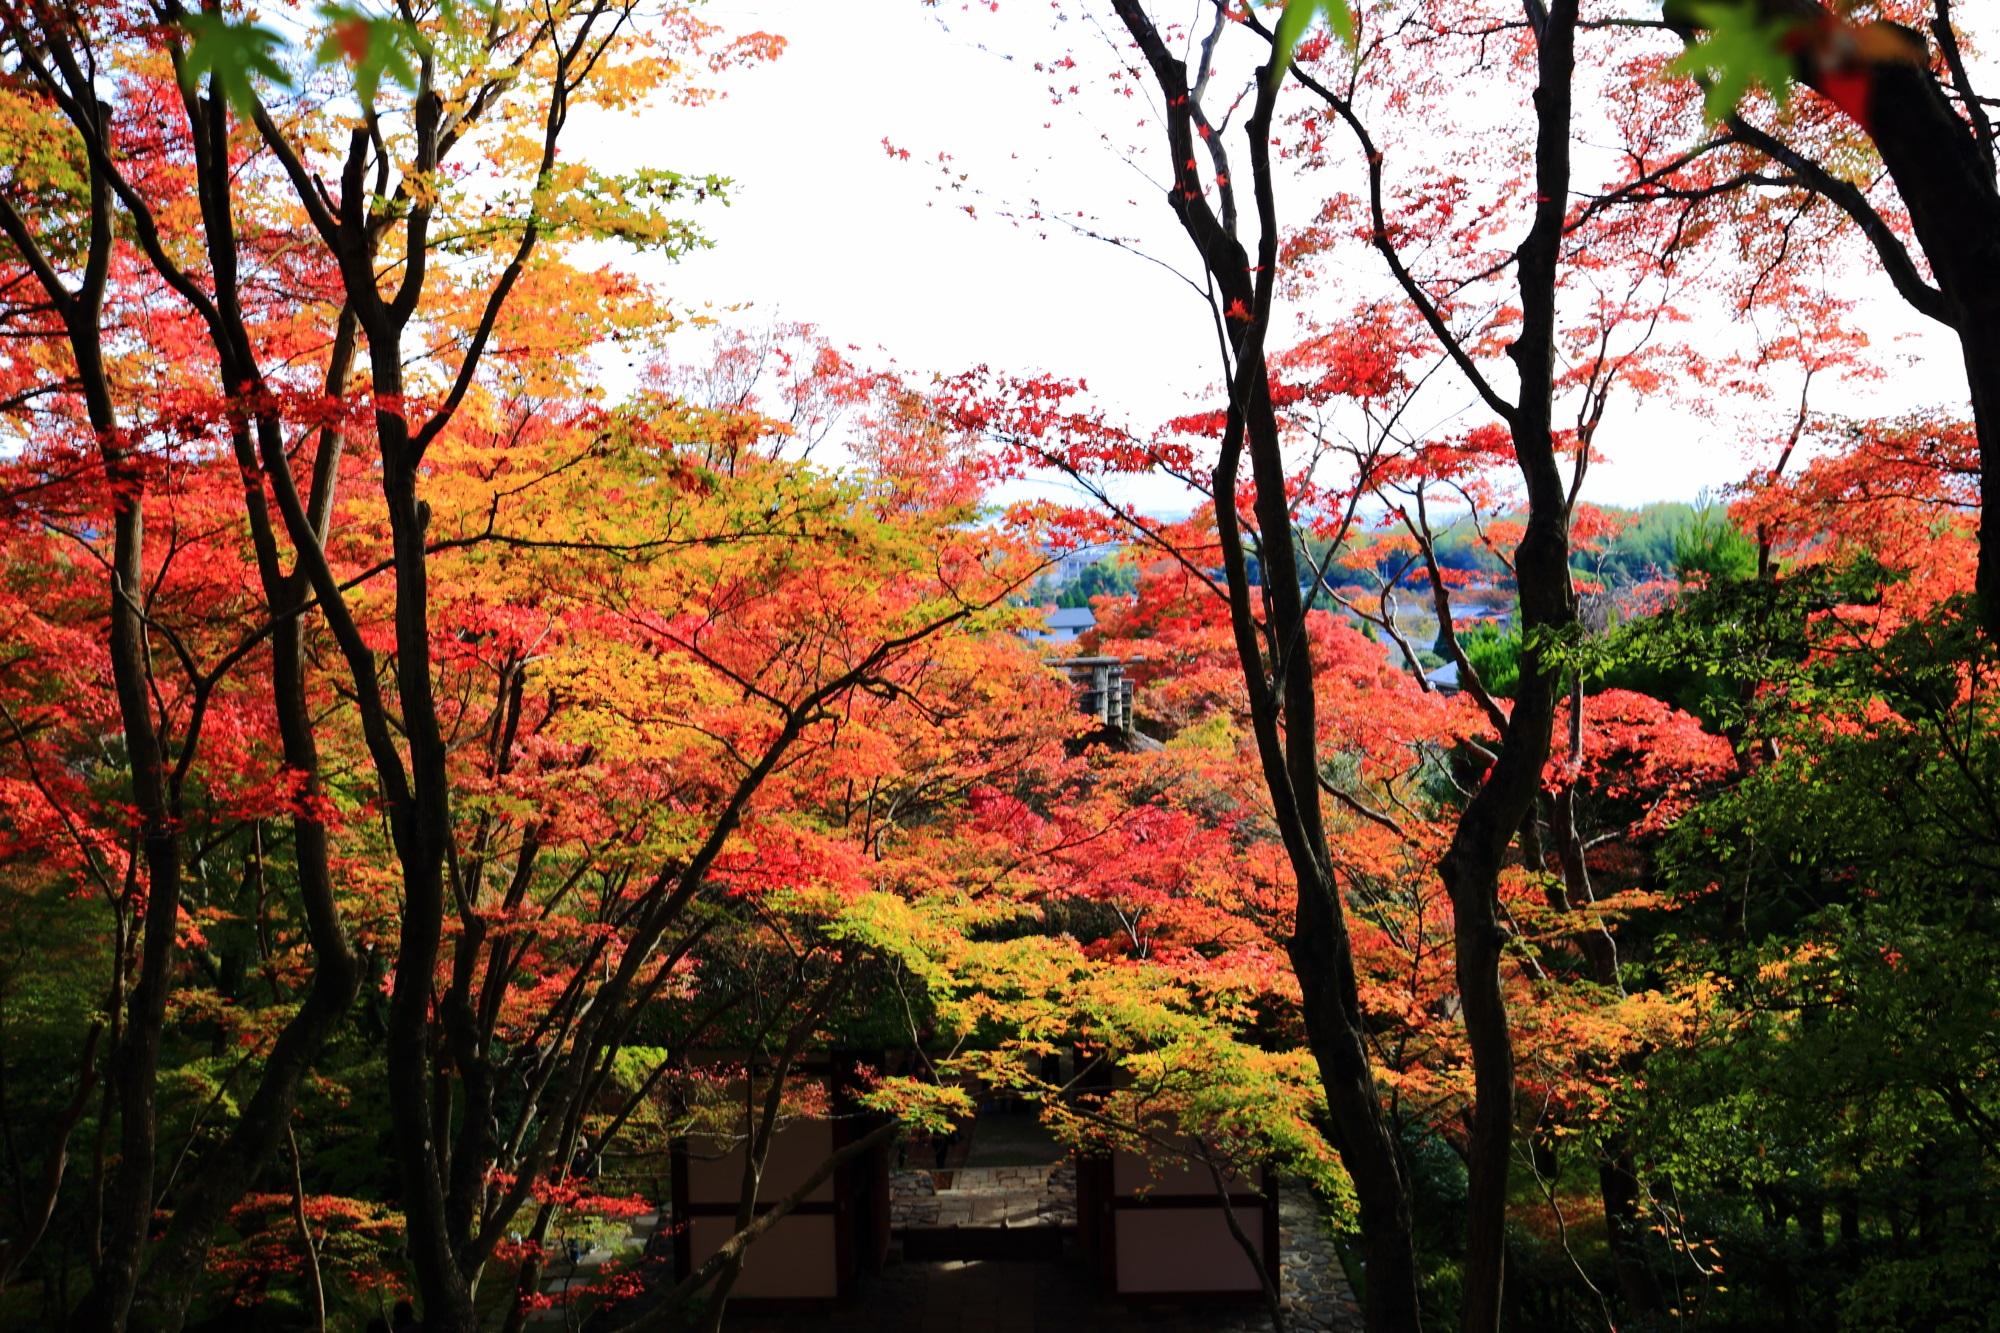 常寂光寺の仁王門と見ごろの華やかな紅葉